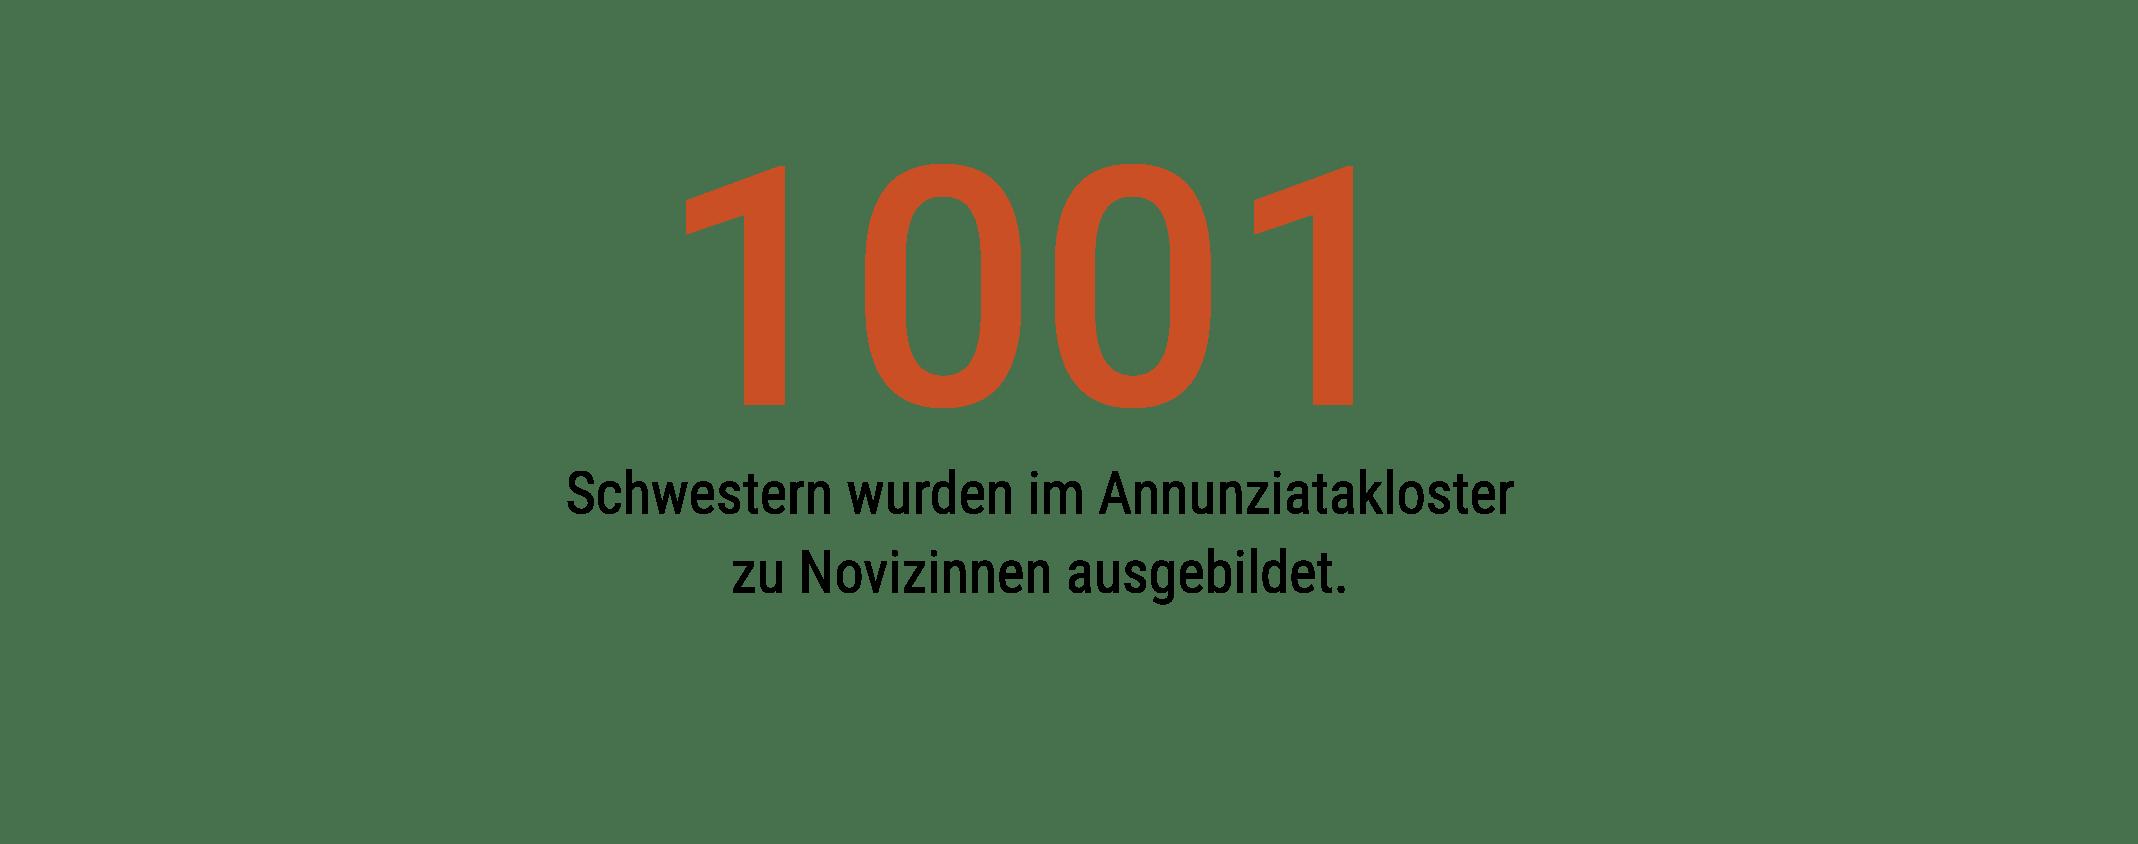 Timeline_Kloster_Eichgraben_Pfade-12